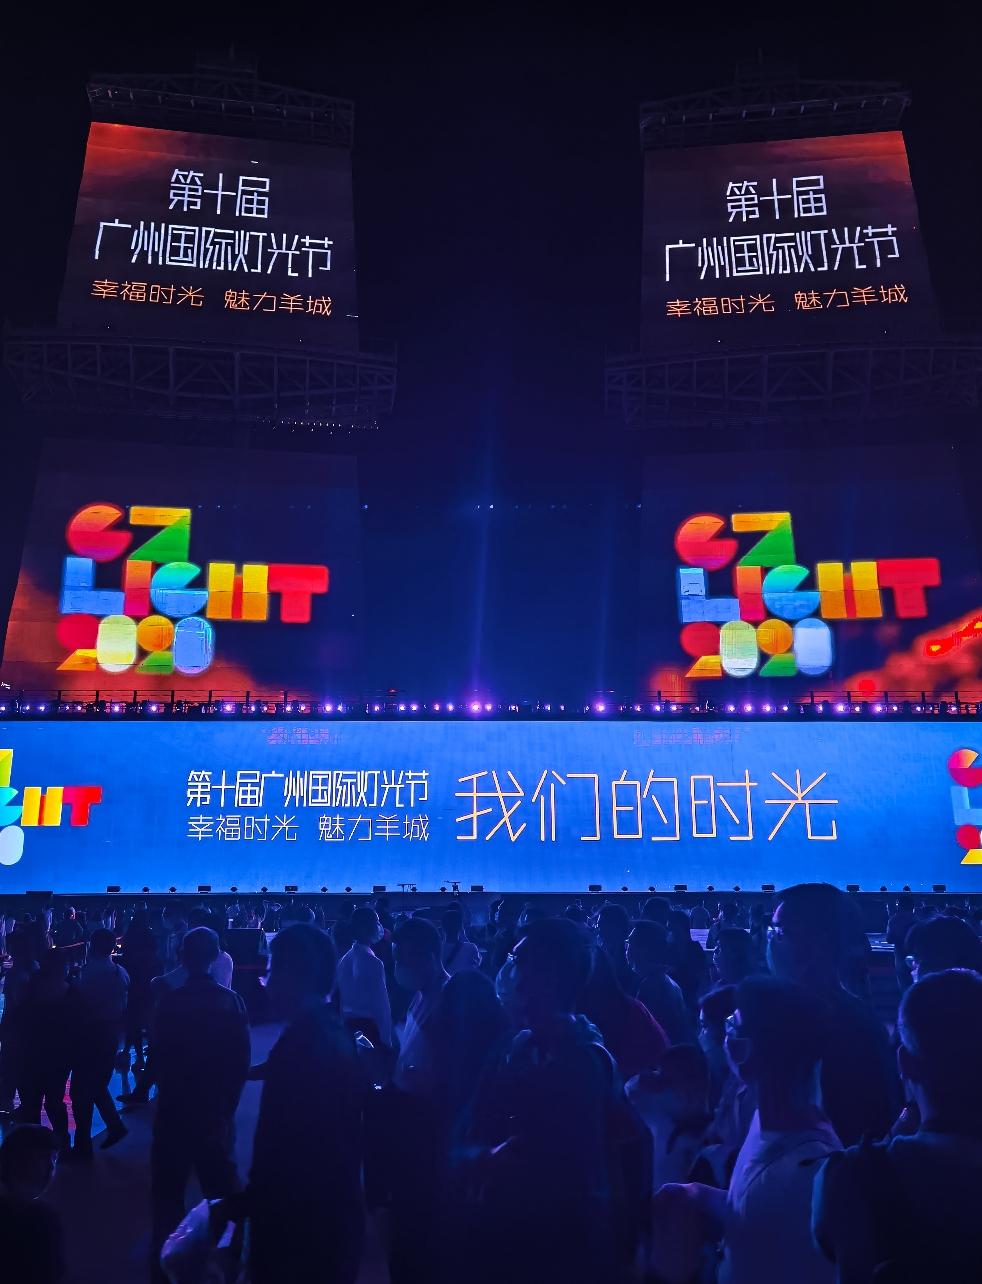 荣耀30Pro+ | 广州灯光节专题:幸福时光 魅力羊城,花粉随手拍-花粉俱乐部